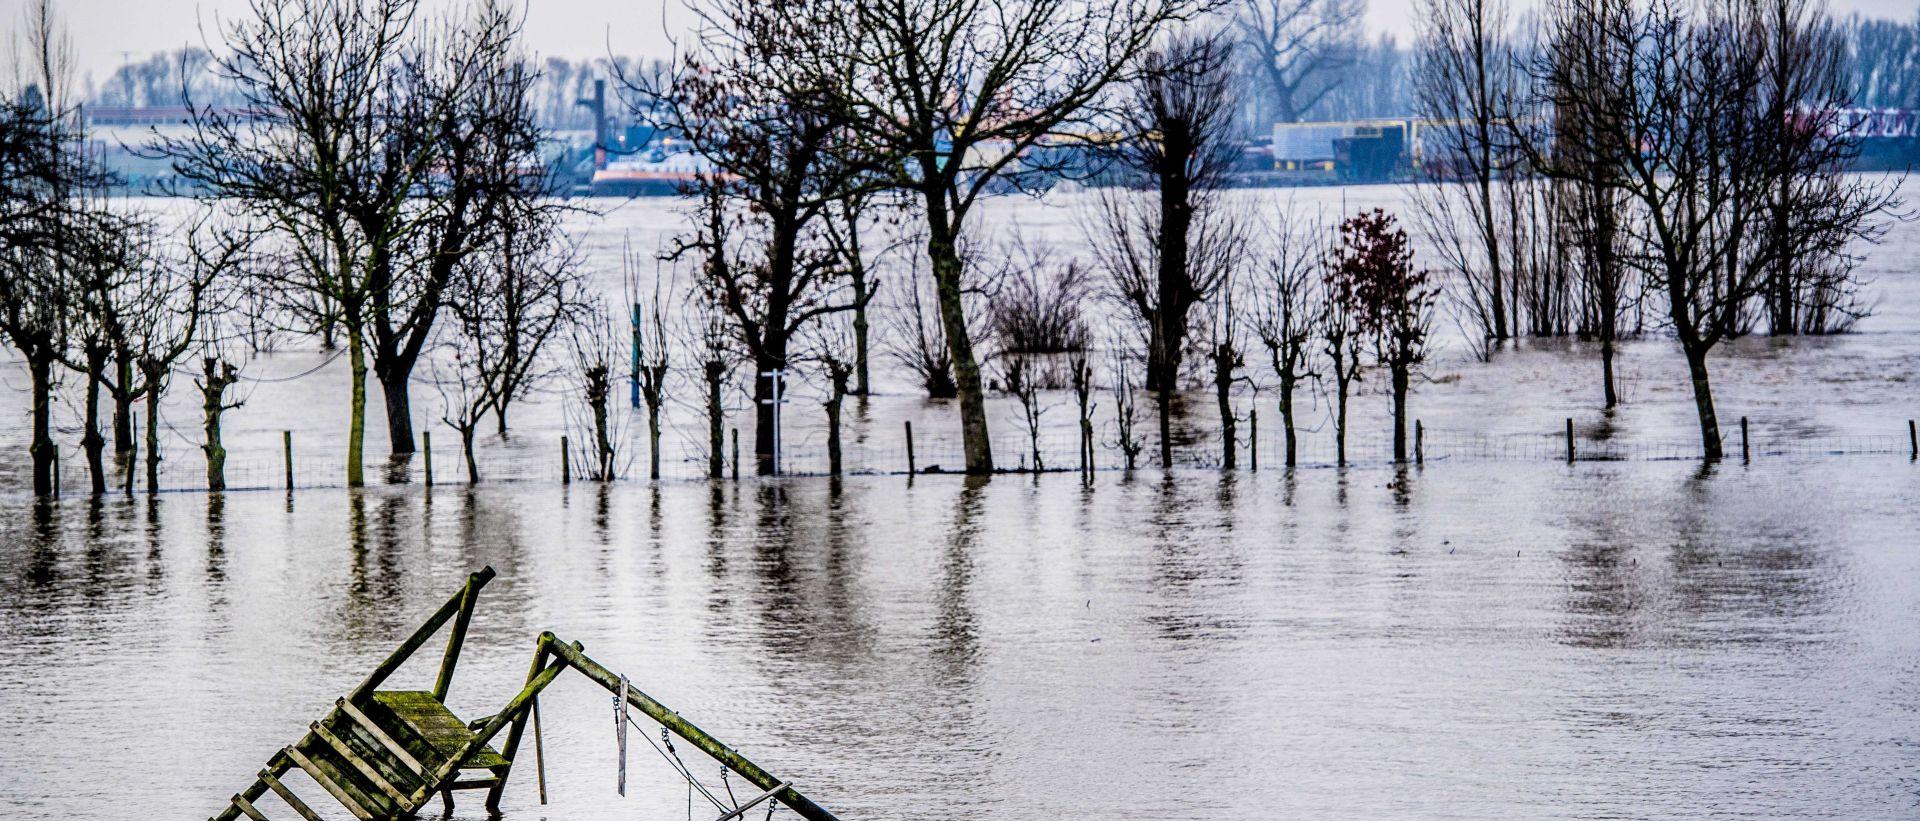 STUDIJA Poplave u Europi bit će sve učestalije